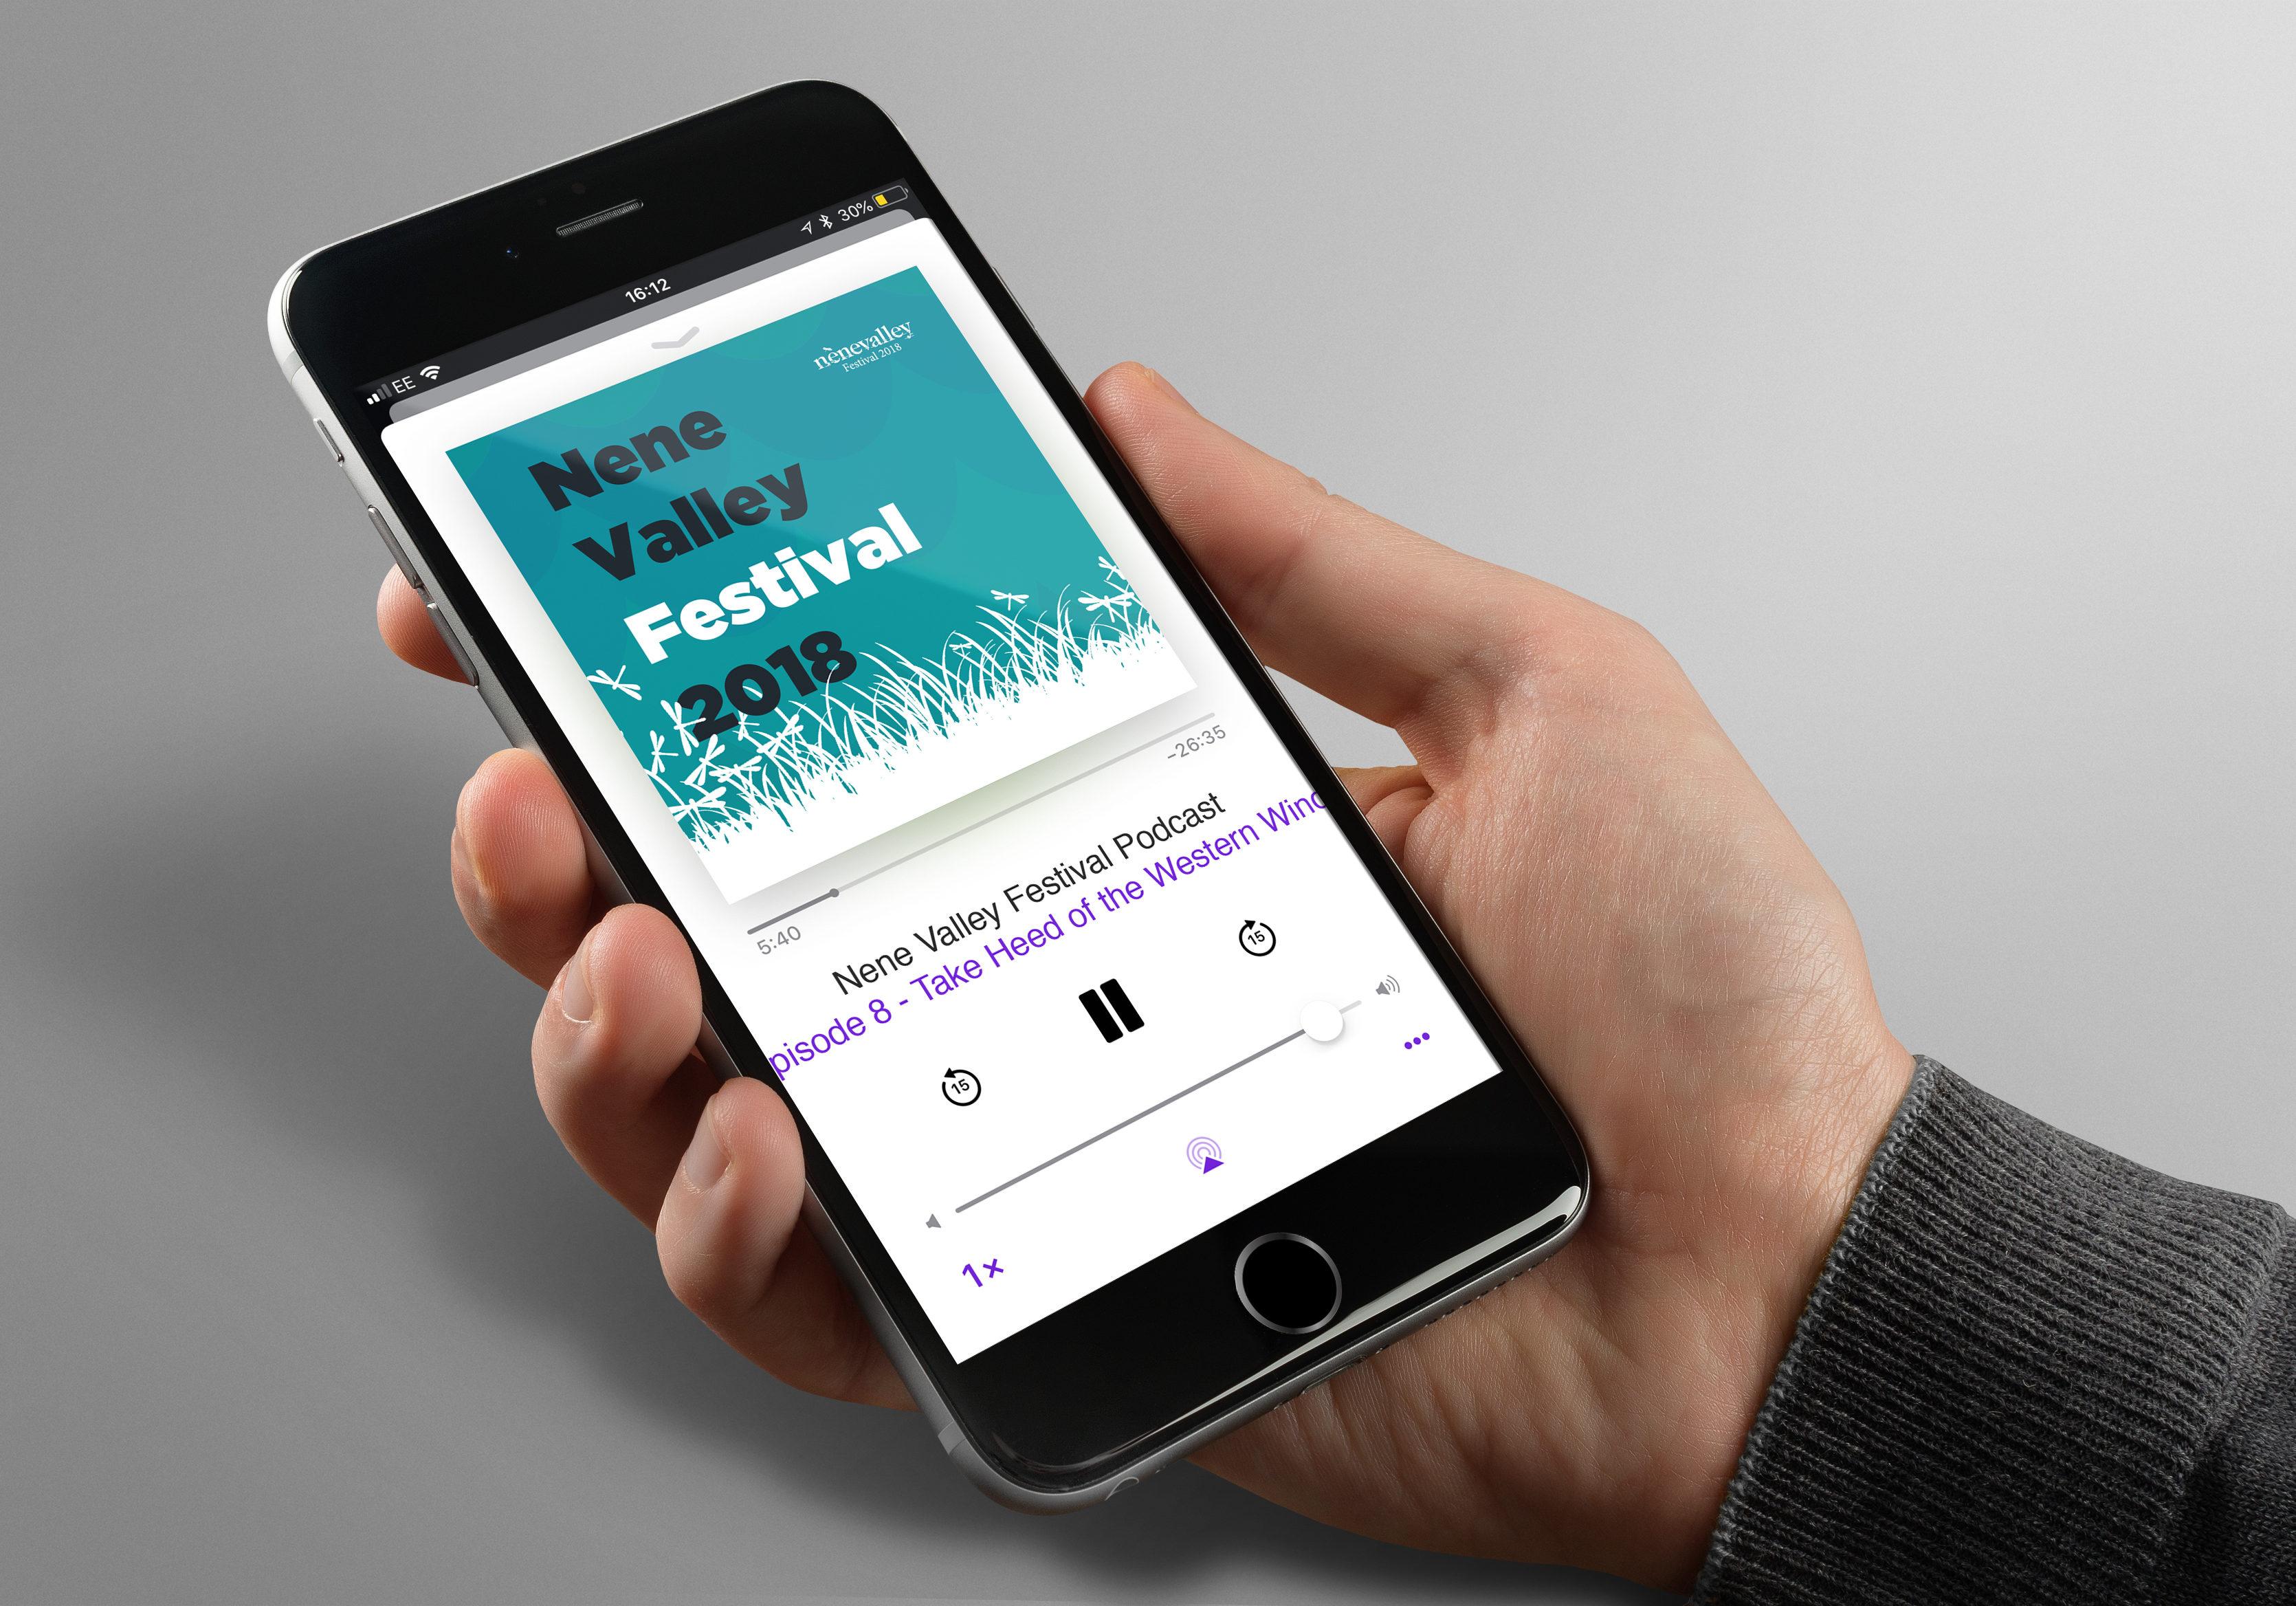 Nene Valley Festival Podcast